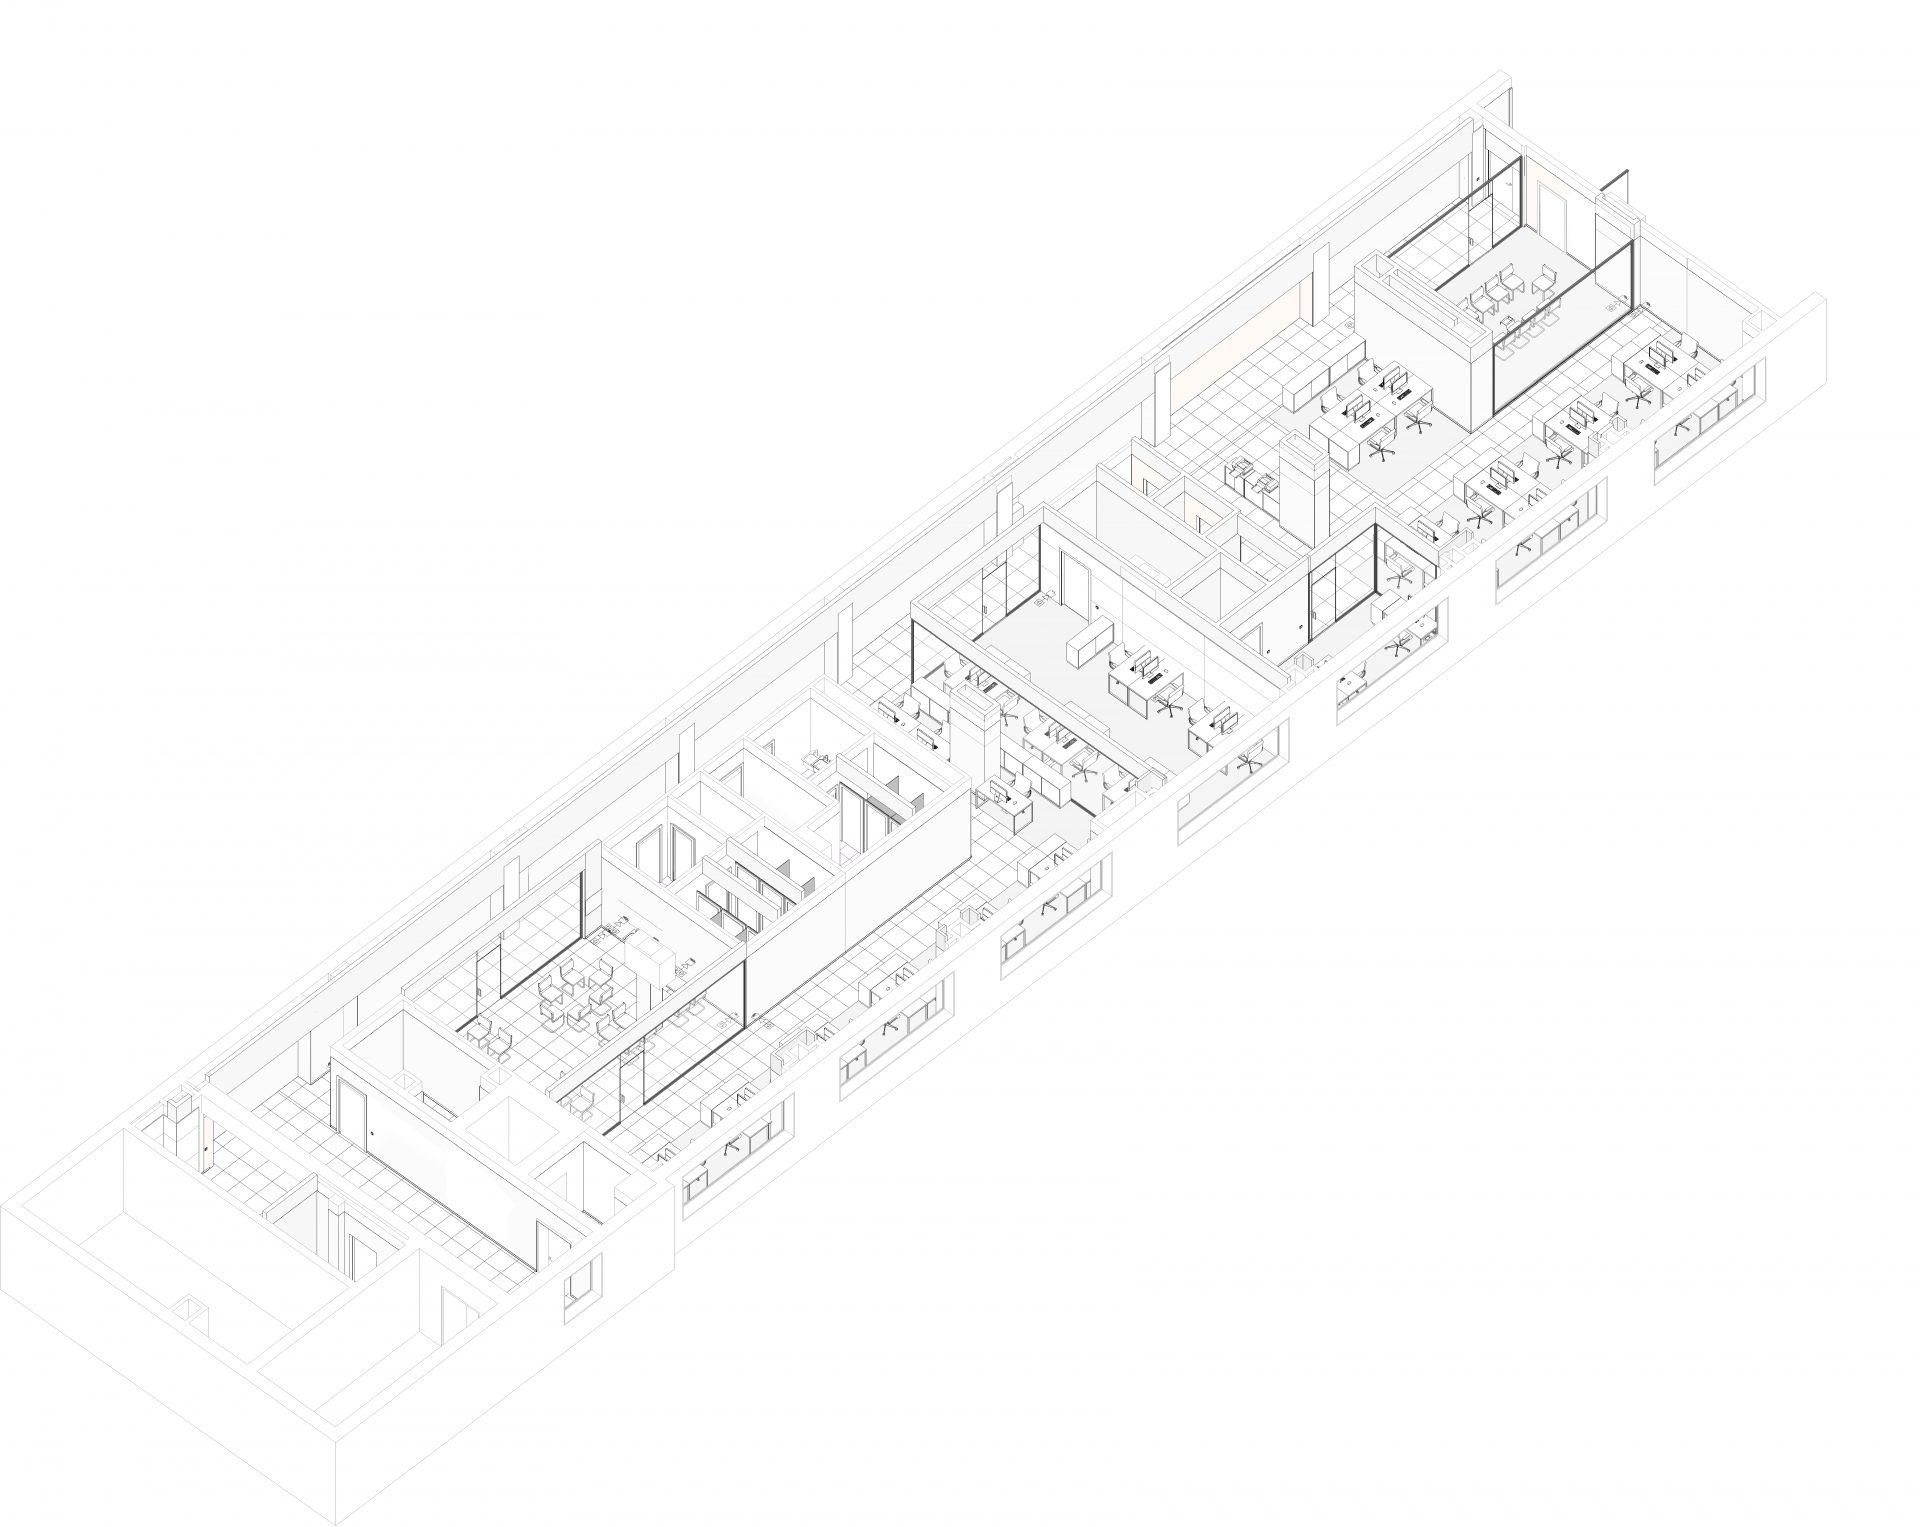 3д модель интерьера офиса Gemalto 2